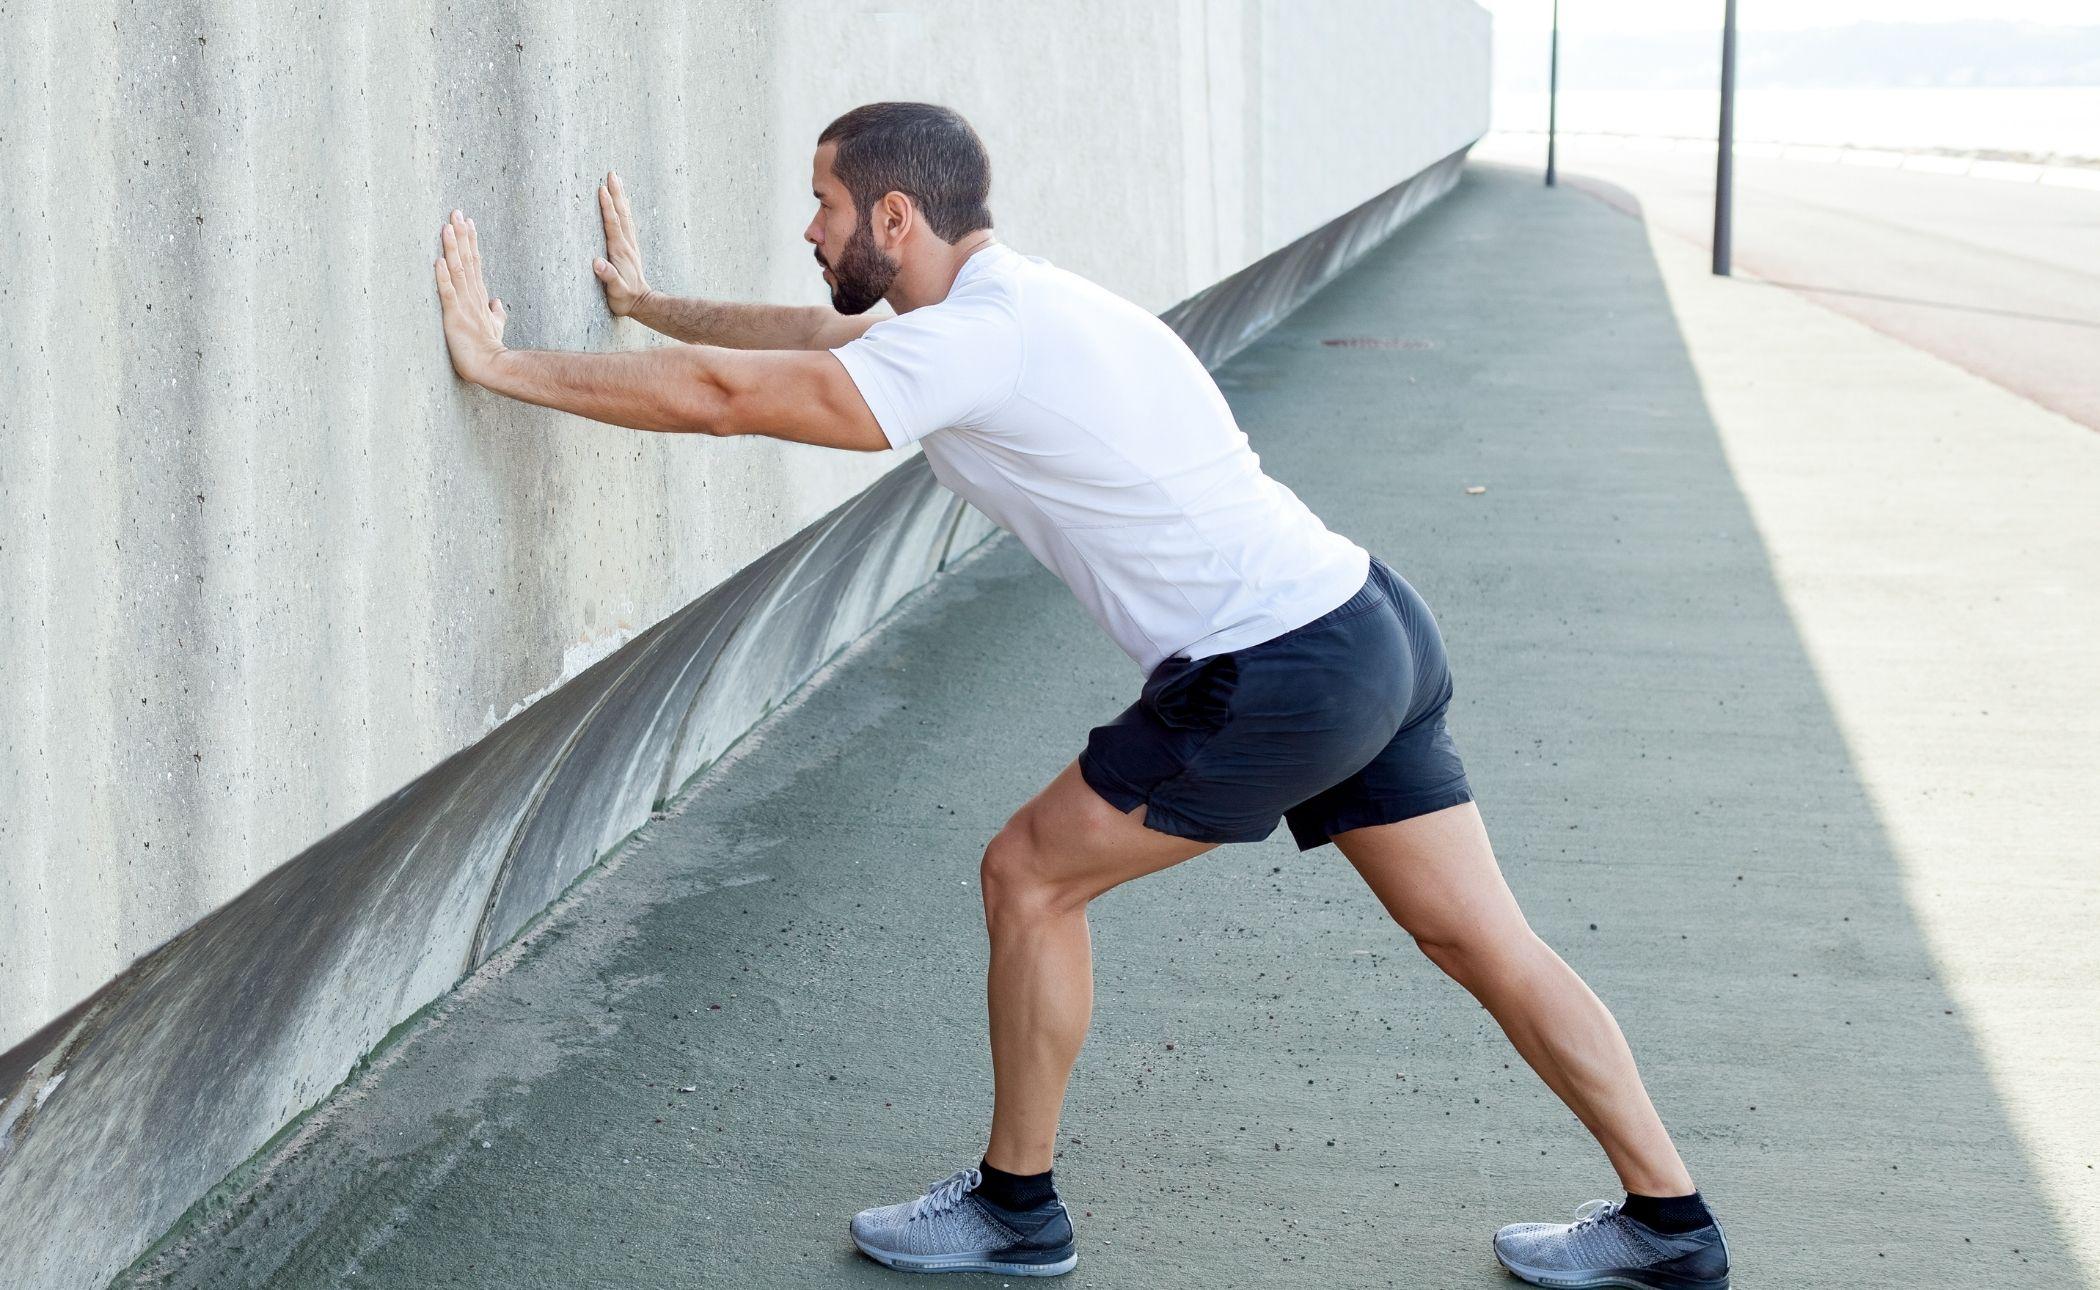 man stretching calf at a wall